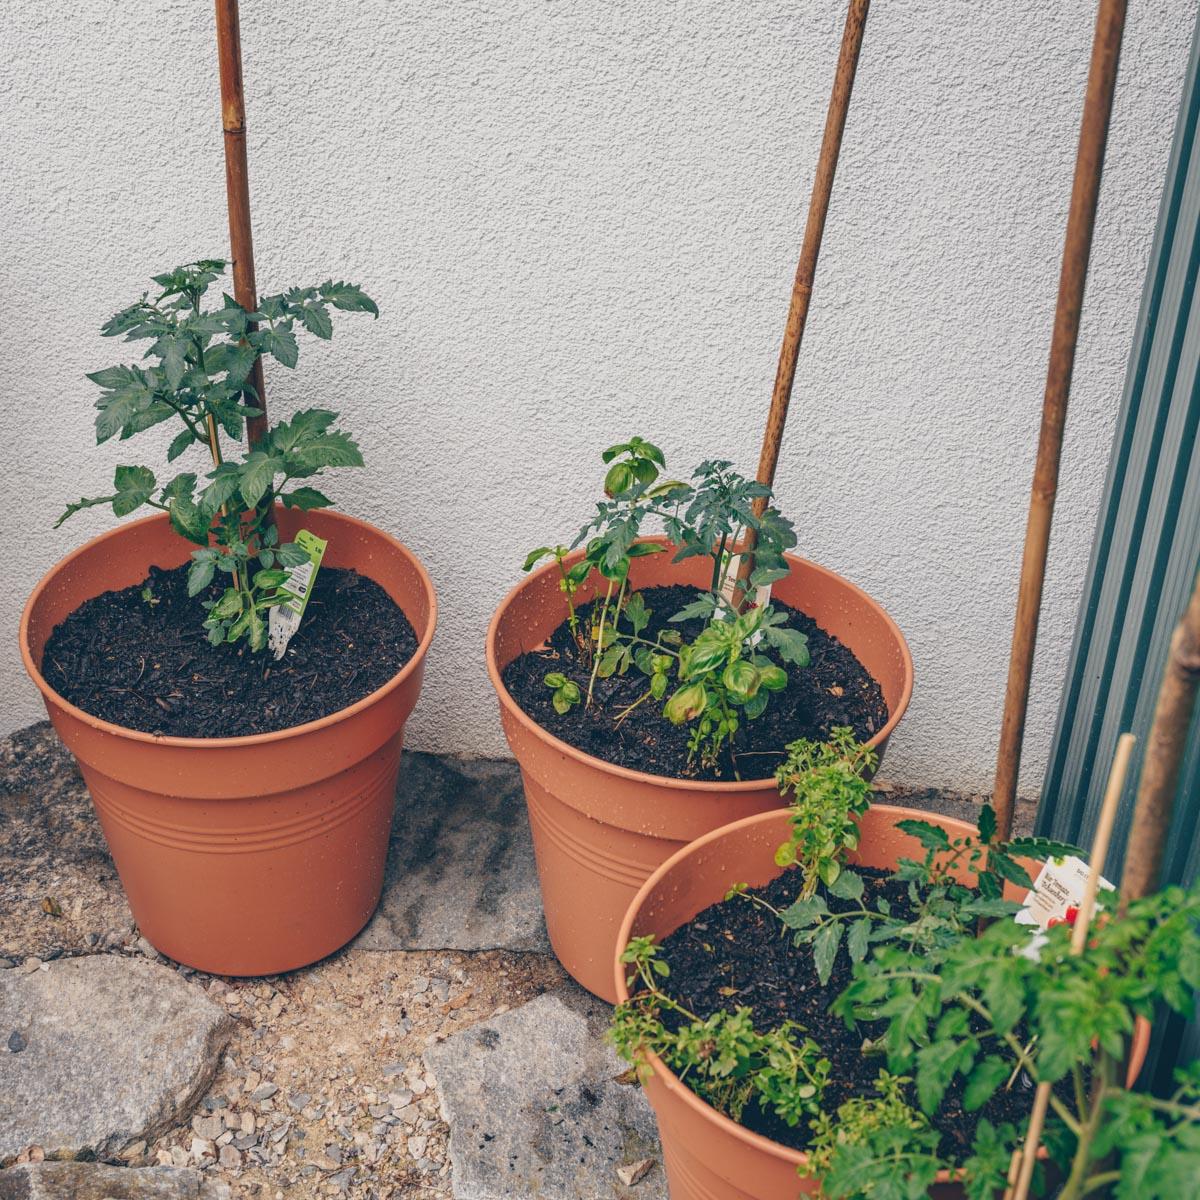 Urbanes Gärtnern - Tomaten